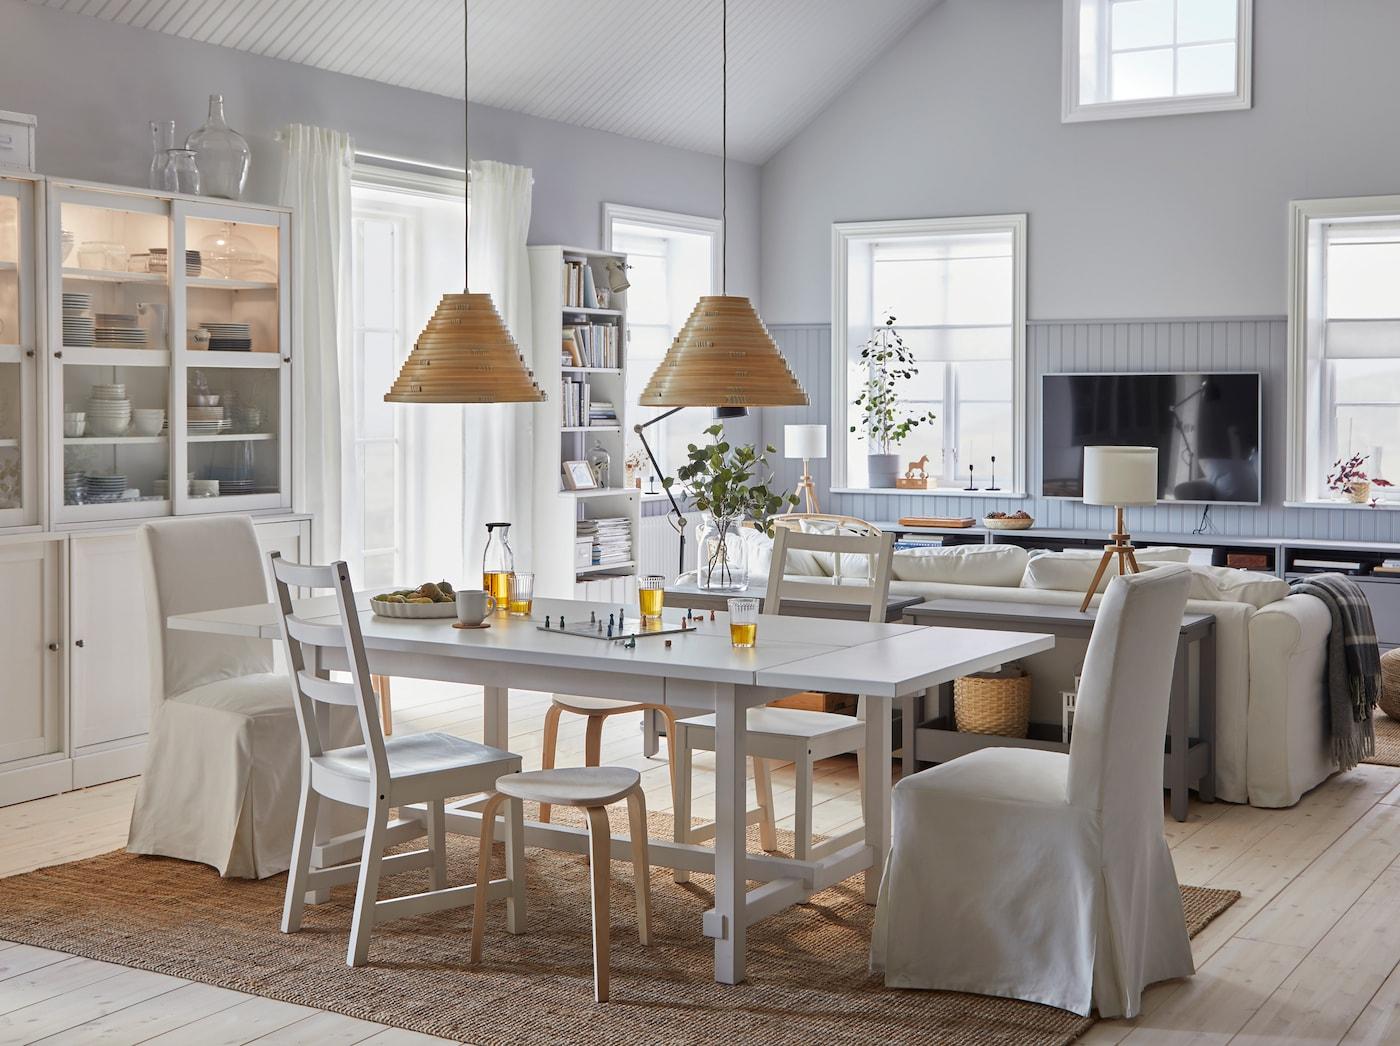 غرفة طعام واسعة ومشرقة مع غرفة جلوس متصلة. تم تمديد طاولة الطعام، ووفّرت المقاعد المزيد من أماكن الجلوس.